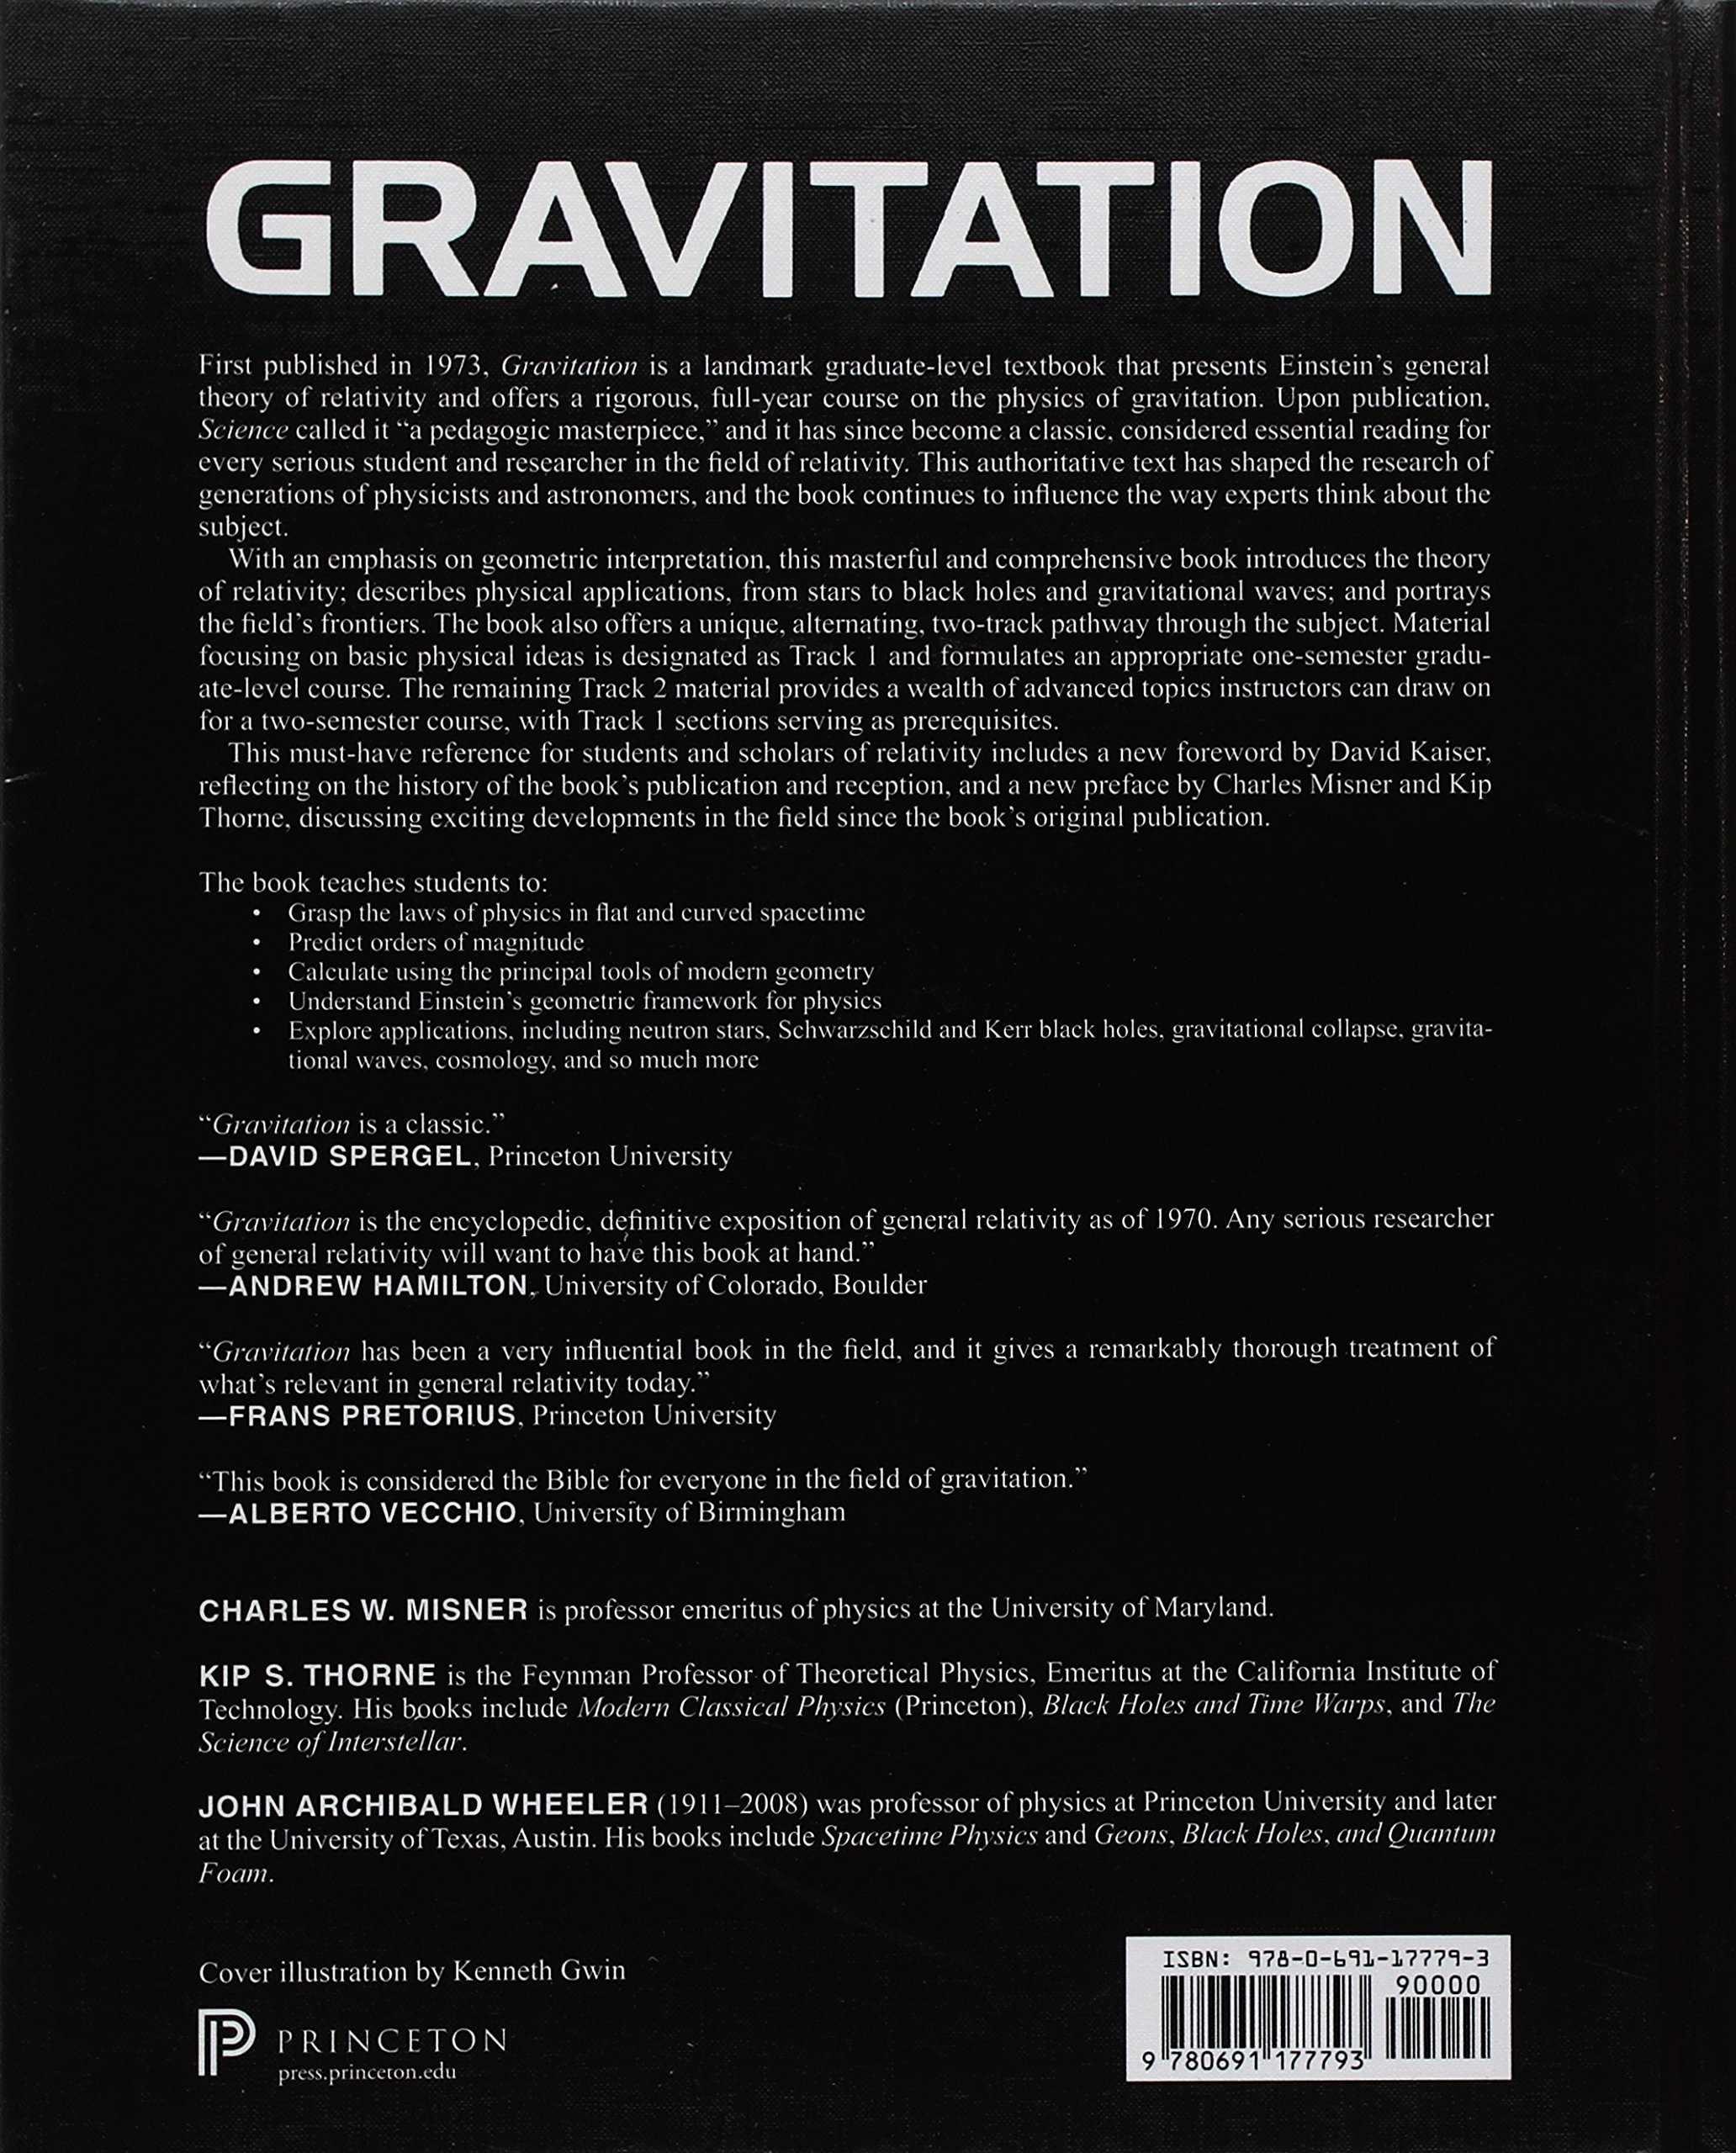 Gravitation: Charles W. Misner, Kip S. Thorne, John Archibald Wheeler,  David I. Kaiser: 9780691177793: Amazon.com: Books